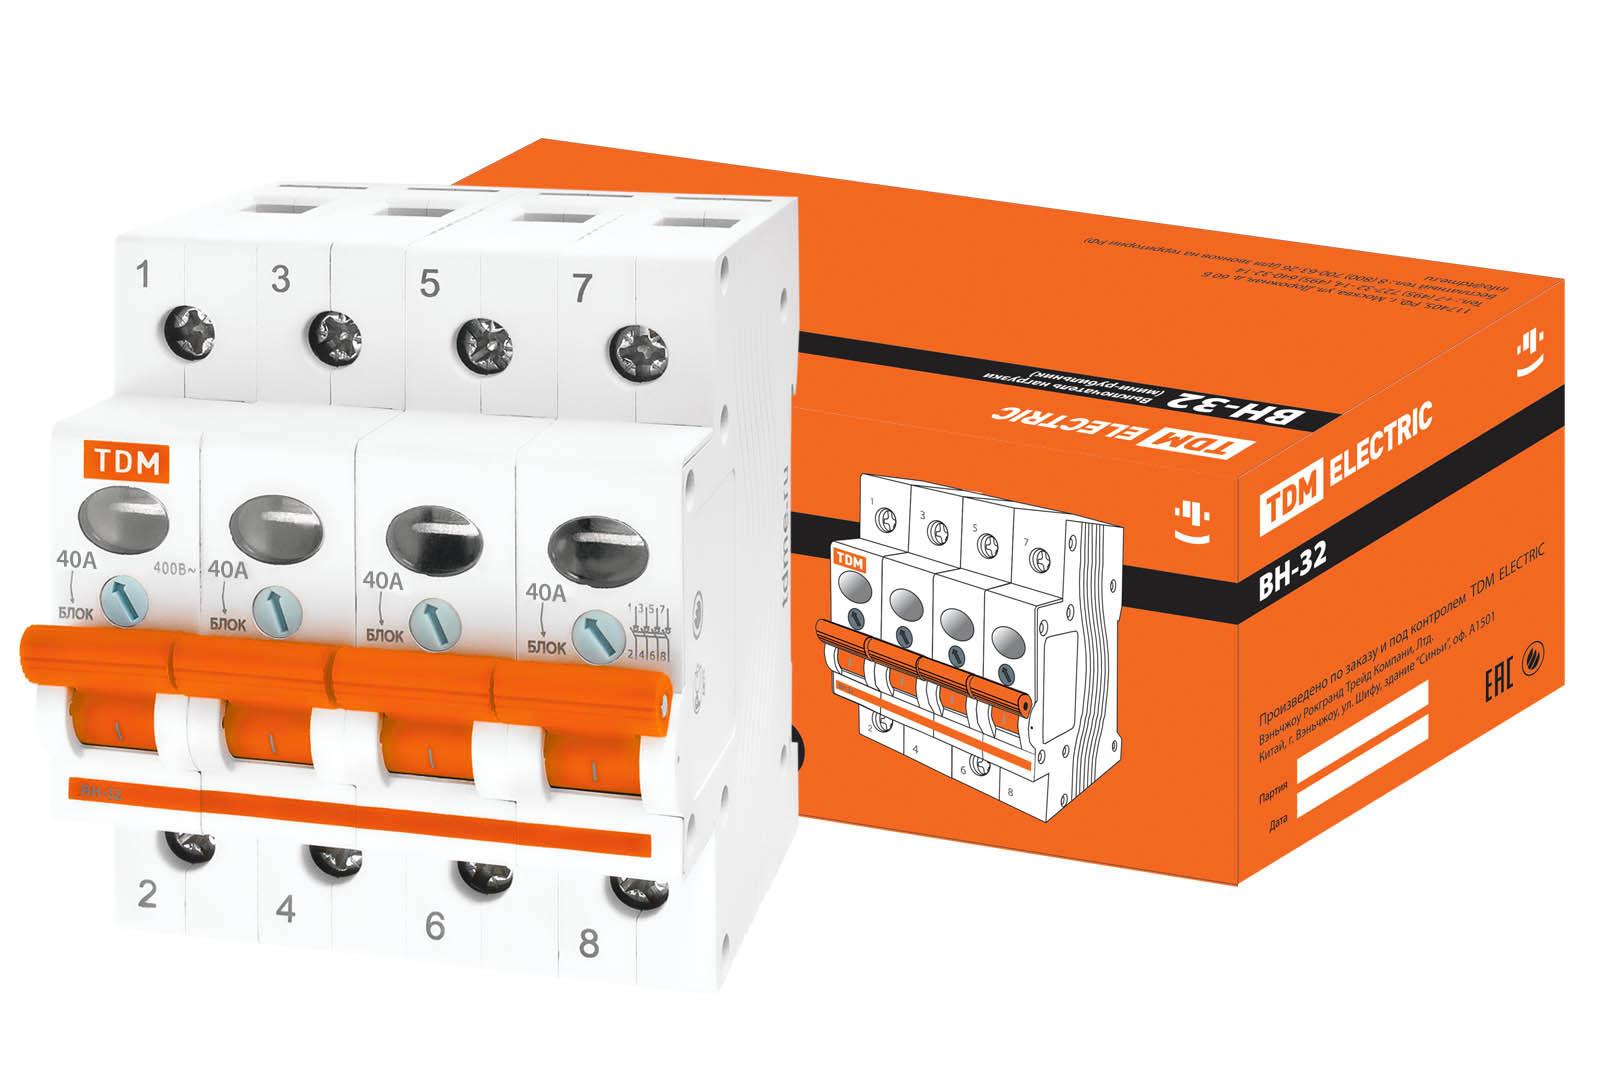 Рубильник Tdm Sq0211-0035 выключатель нагрузки мини рубильник tdm вн 32 4p 40a sq0211 0035